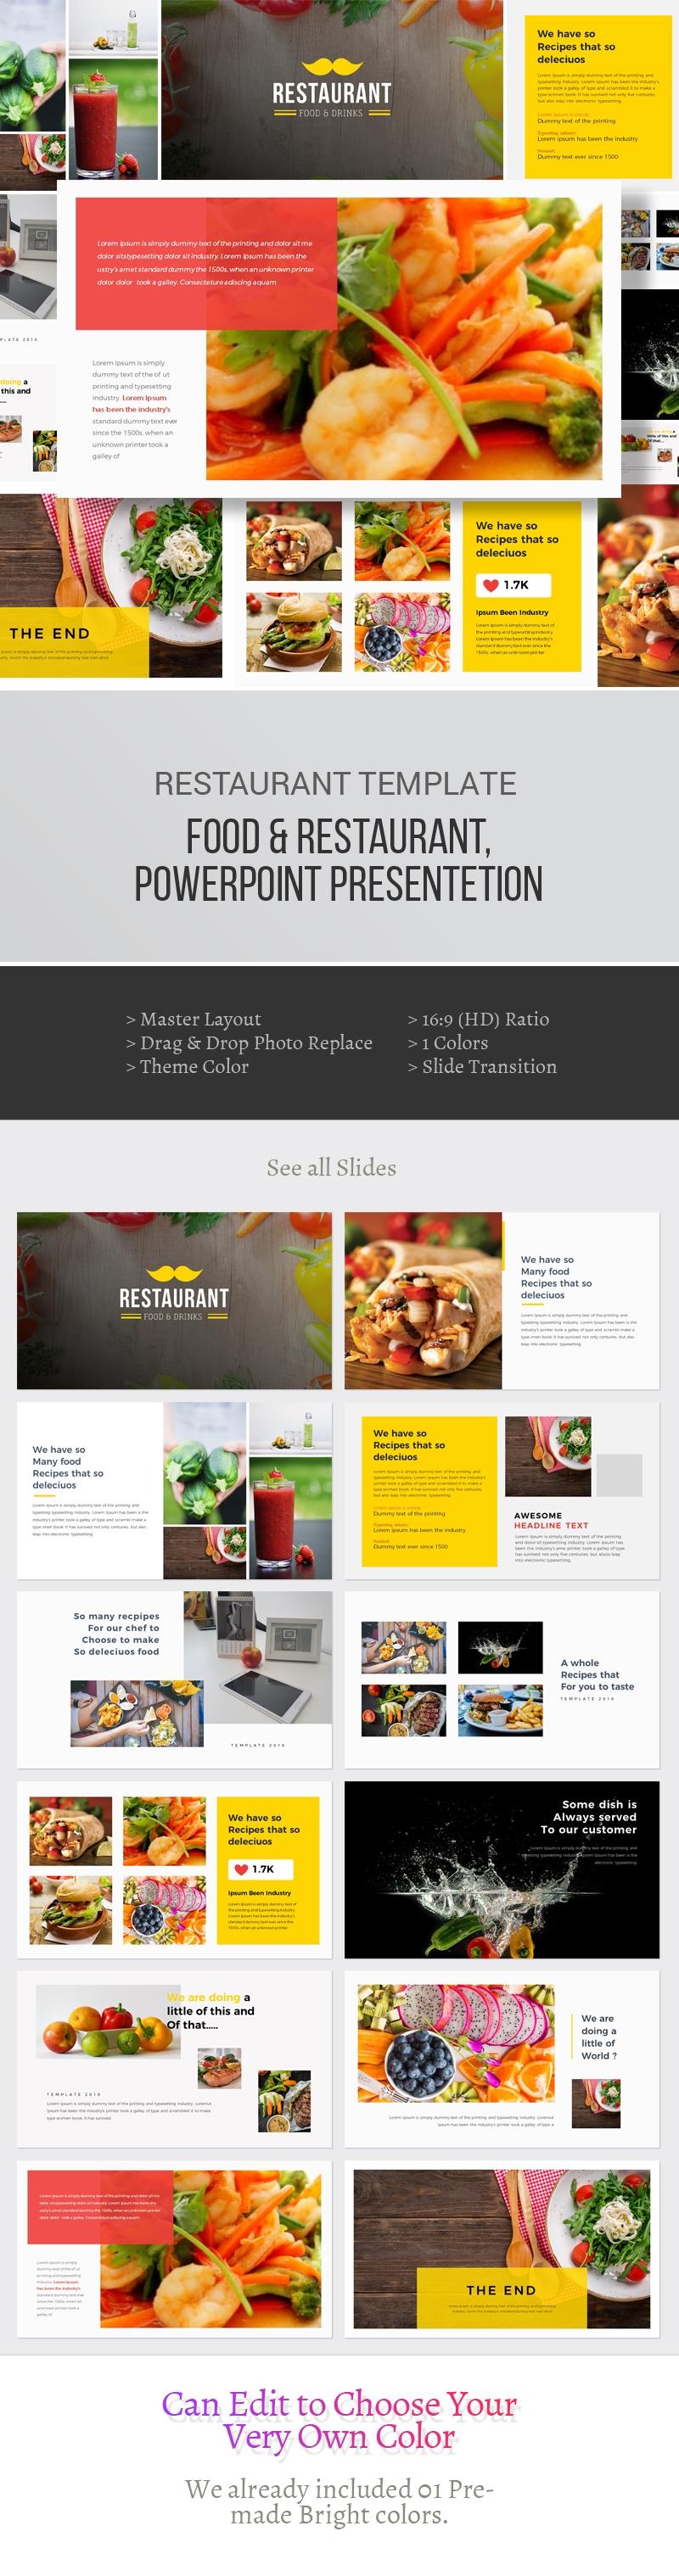 Food & Restaurant Powerpoint Presentation